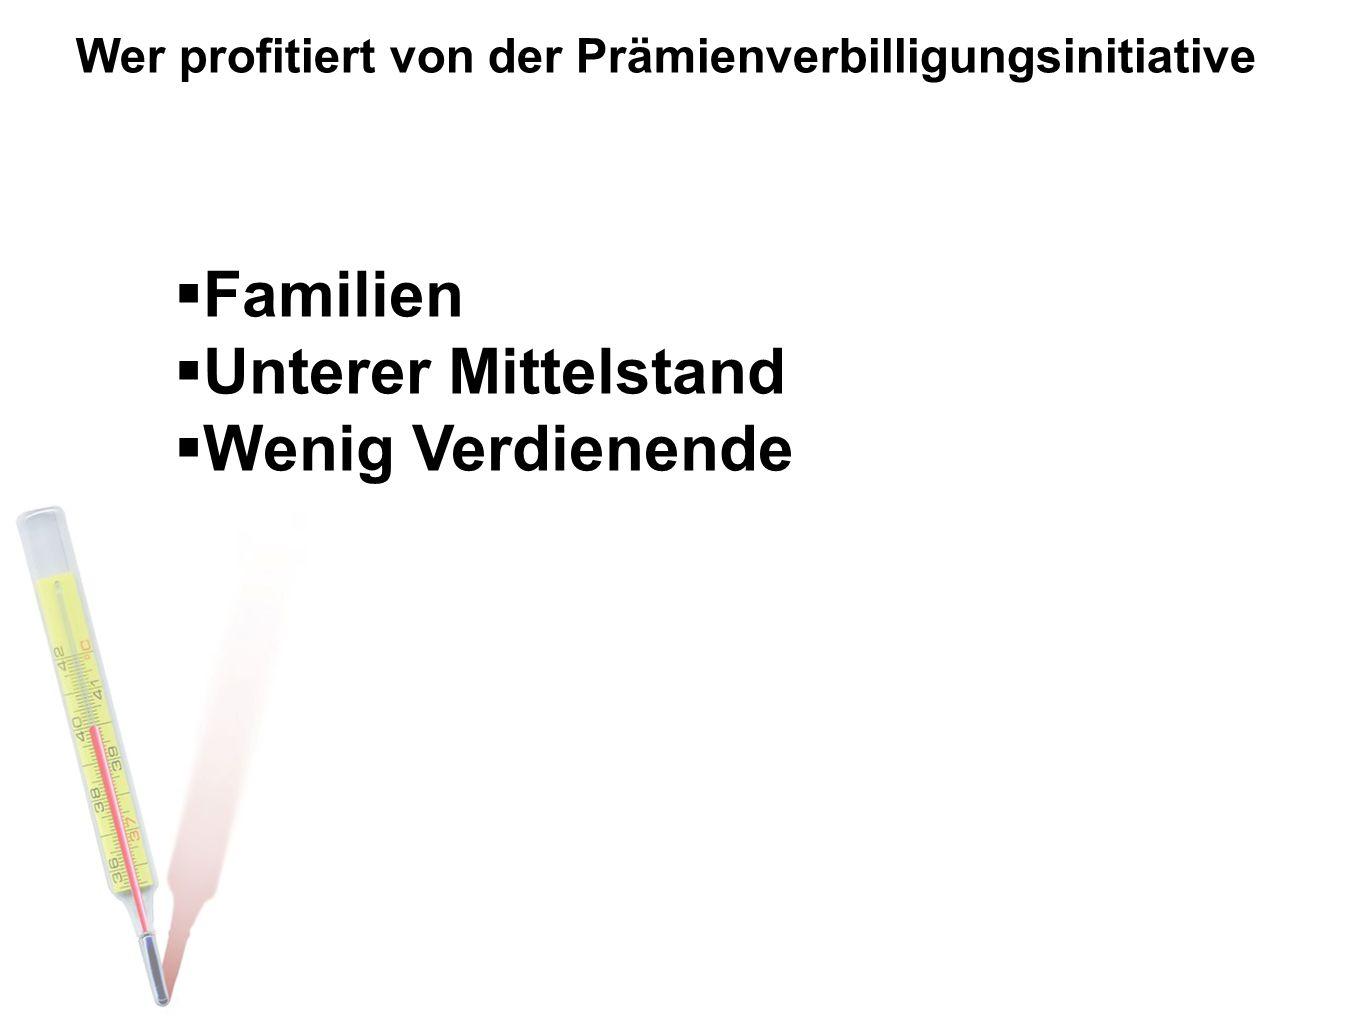 Wer profitiert von der Prämienverbilligungsinitiative  Familien  Unterer Mittelstand  Wenig Verdienende